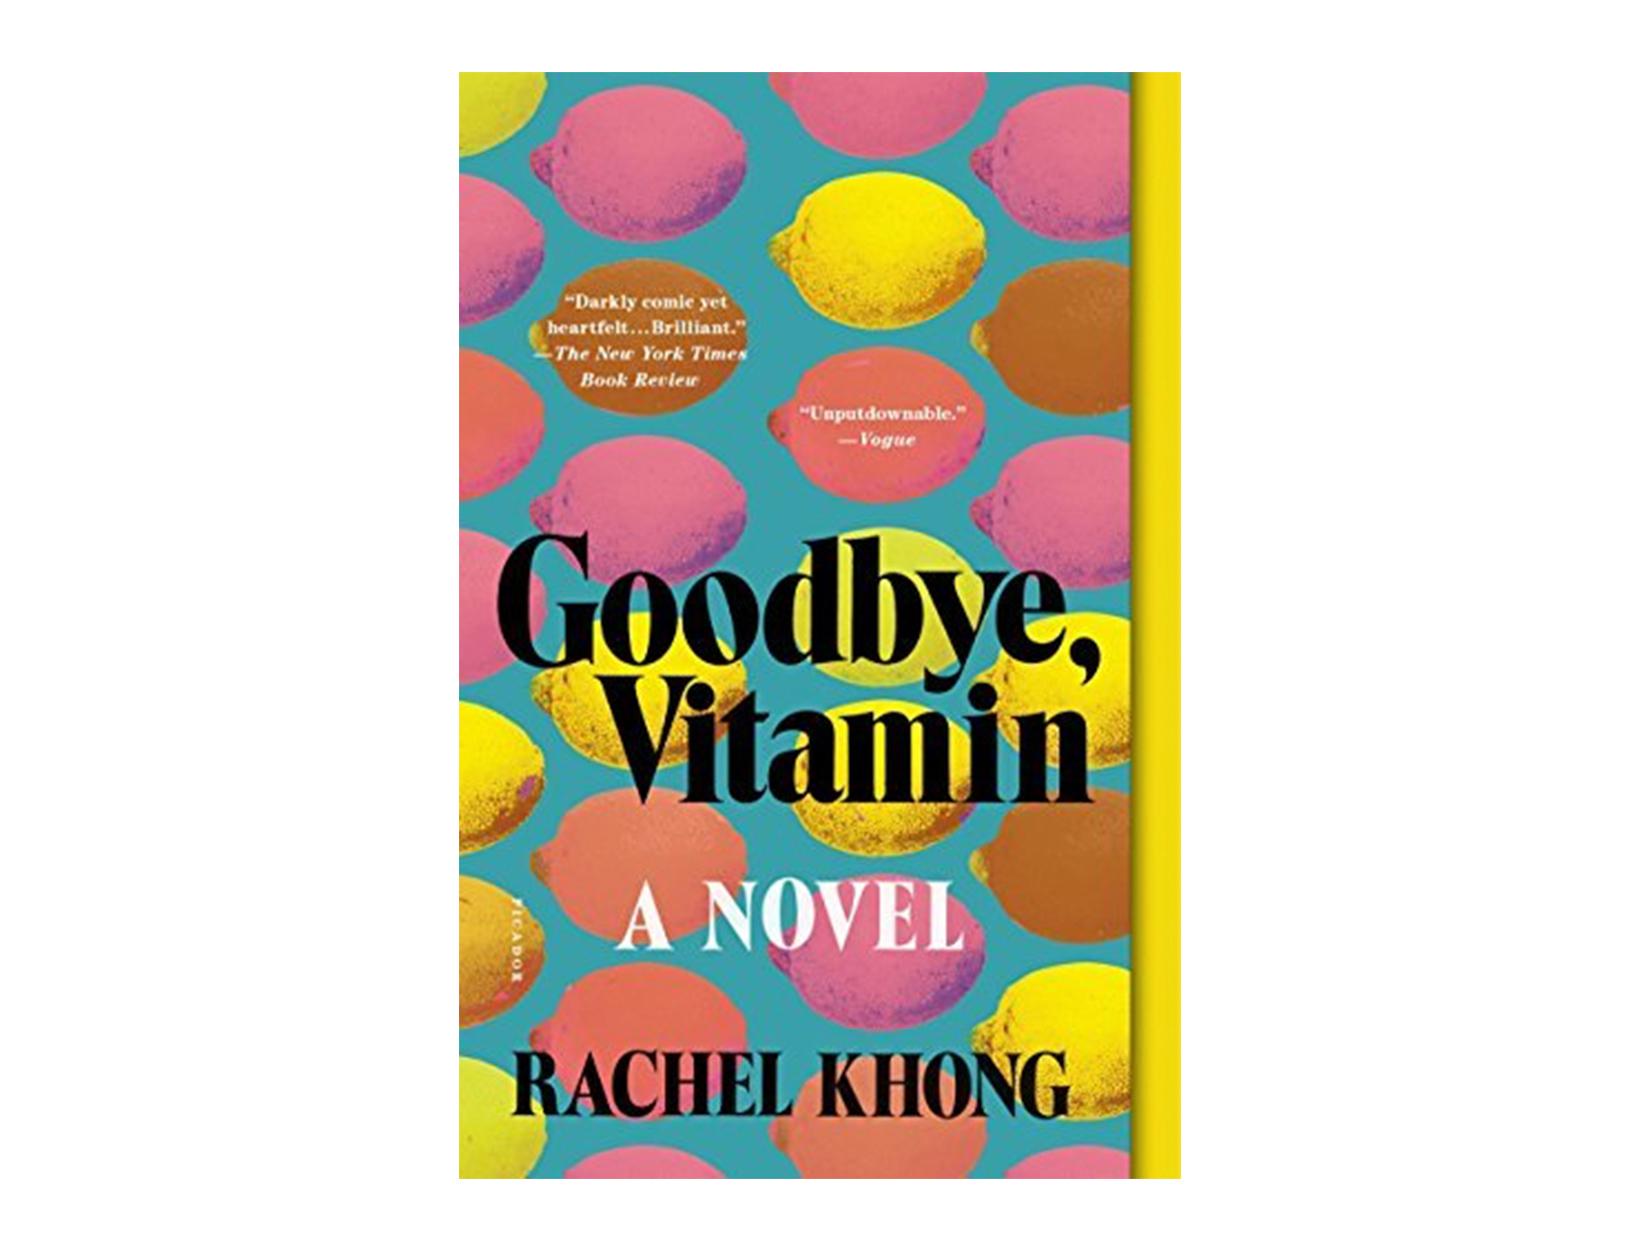 <em>Rachel Khong